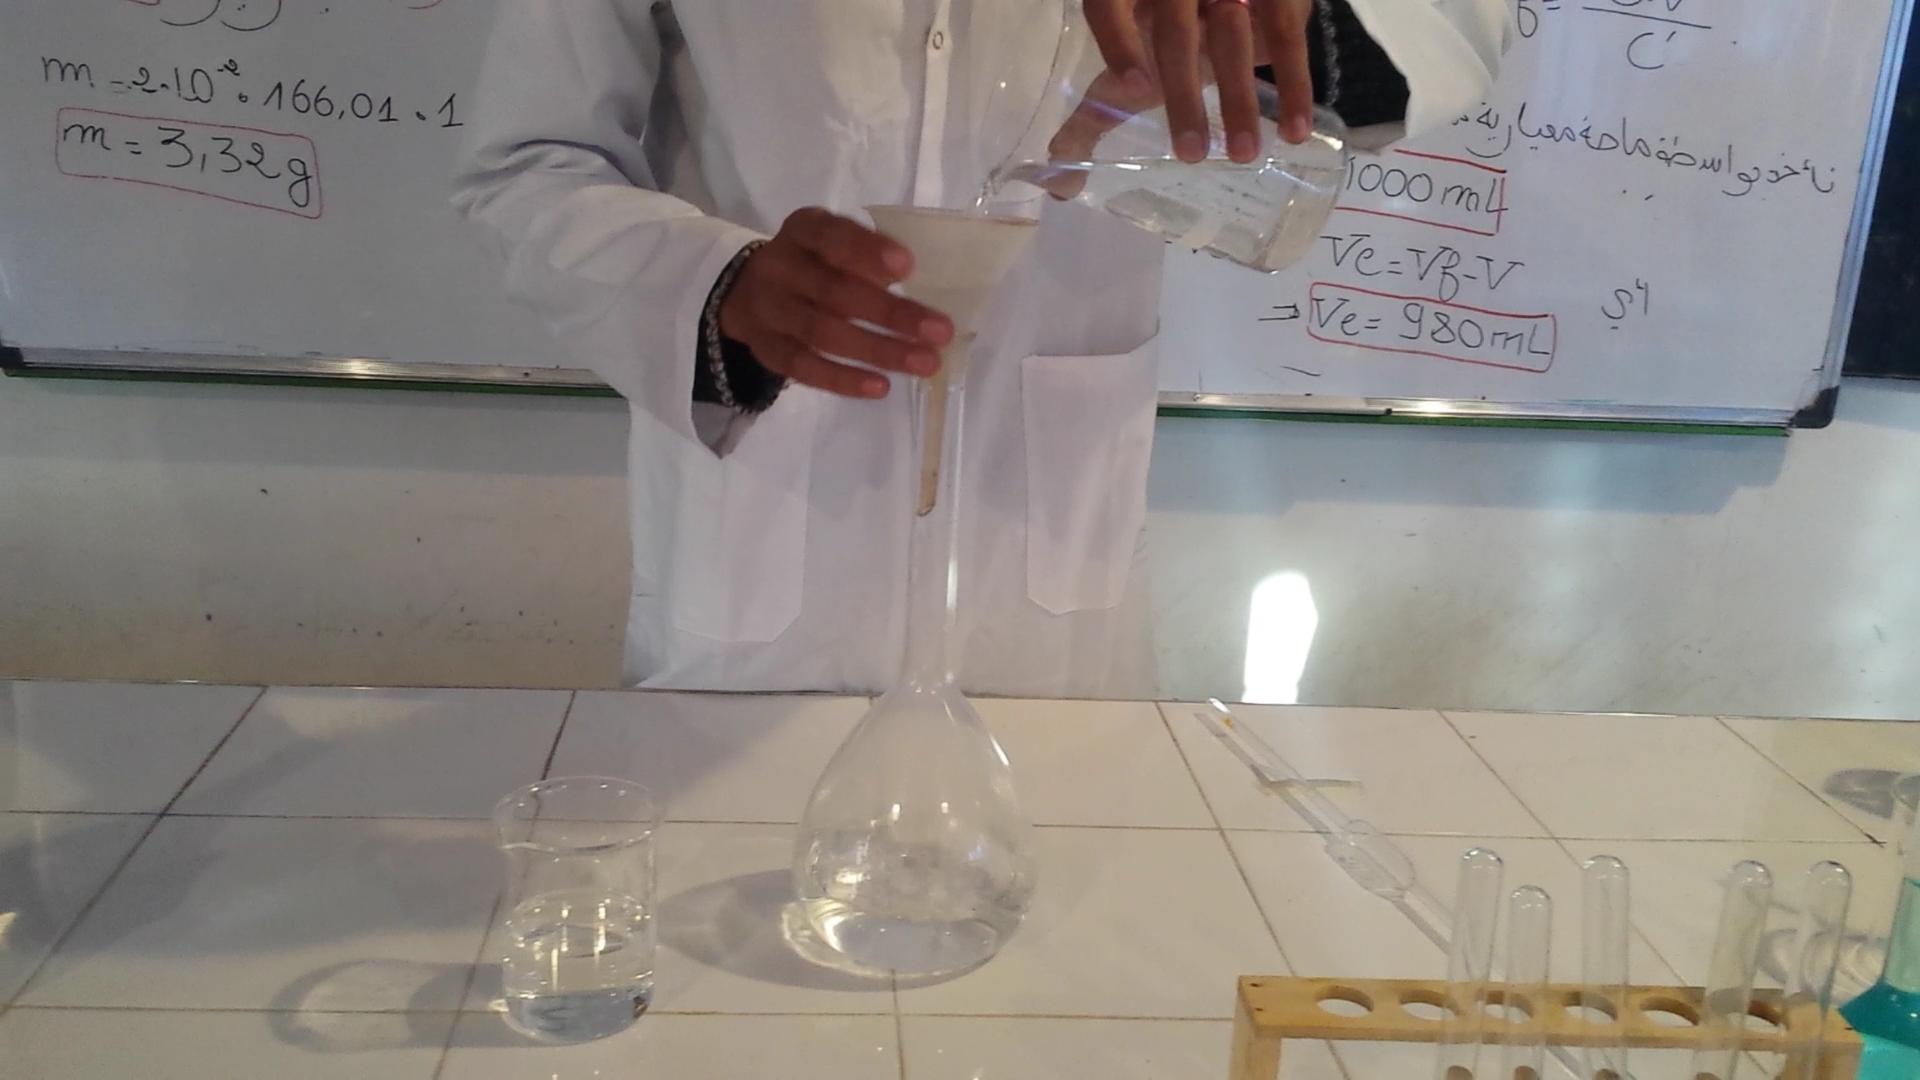 طريقة 2: تحضير محلول من برمنغنات البوتاسيوم ذي تركيز معين  عن طريق الذوبان chtoukaphysique